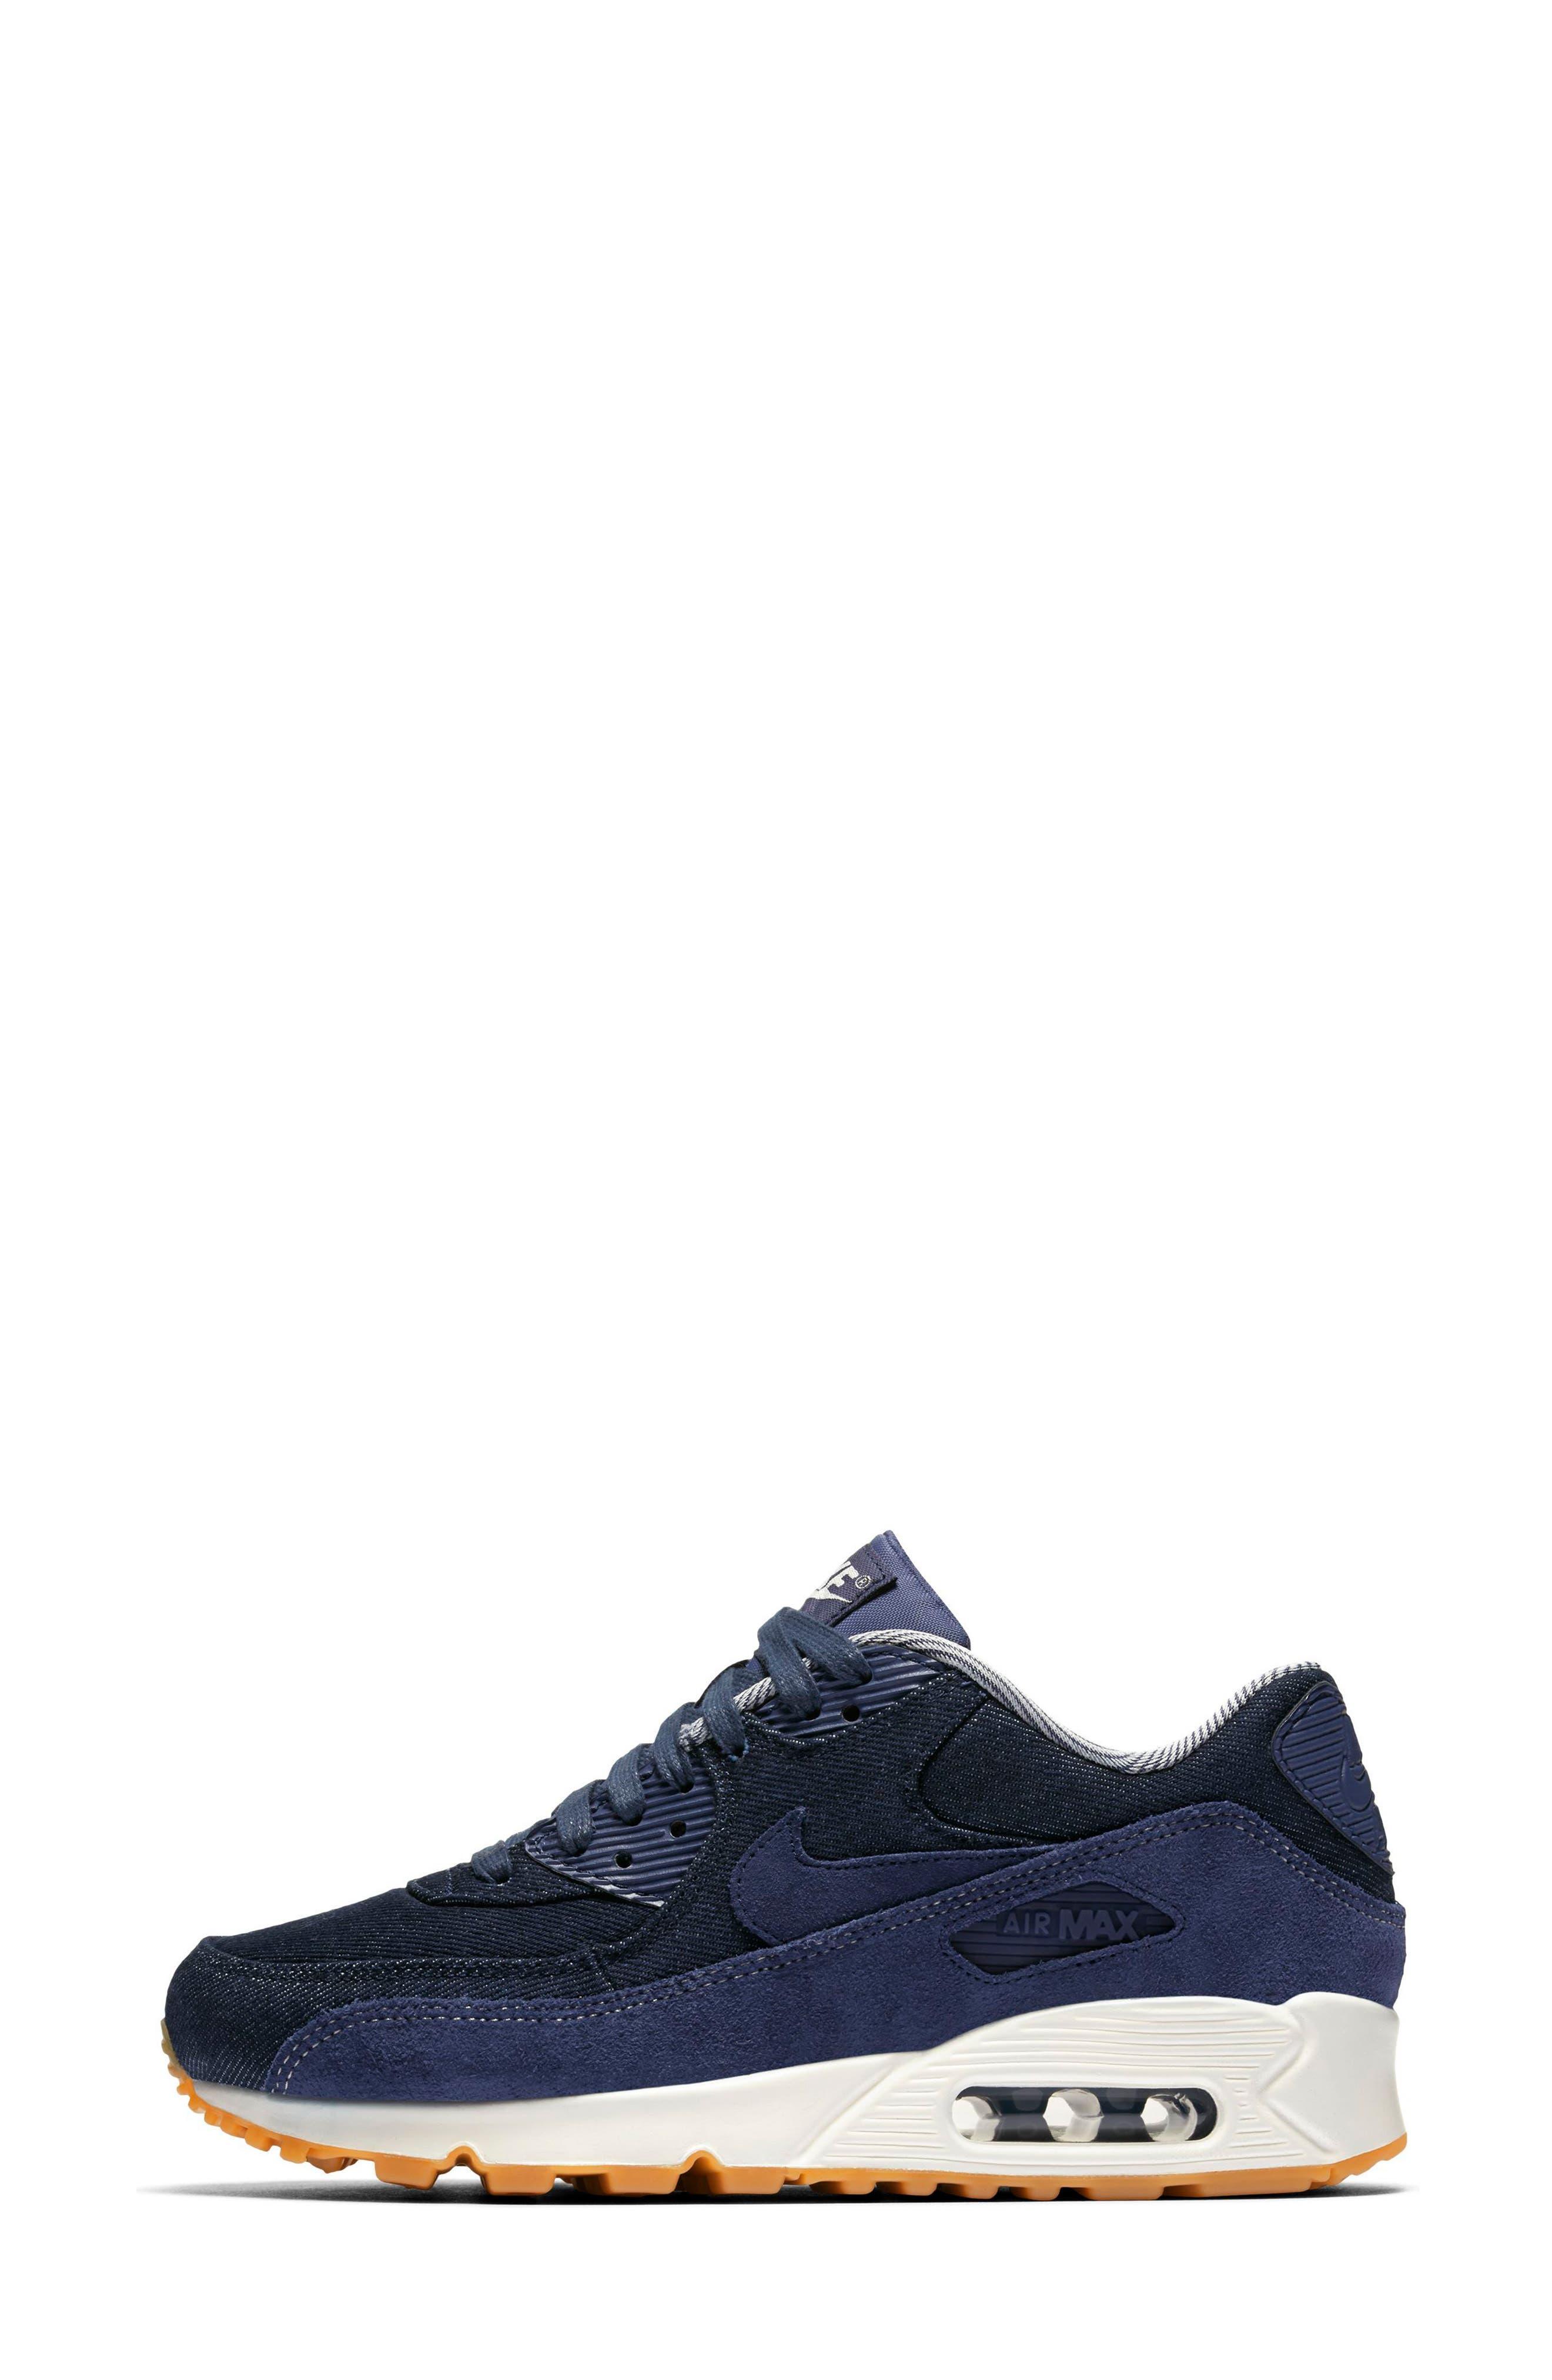 Air Max 90 SE Sneaker,                             Main thumbnail 1, color,                             Blue/ Muslin/ Sail/ Gum